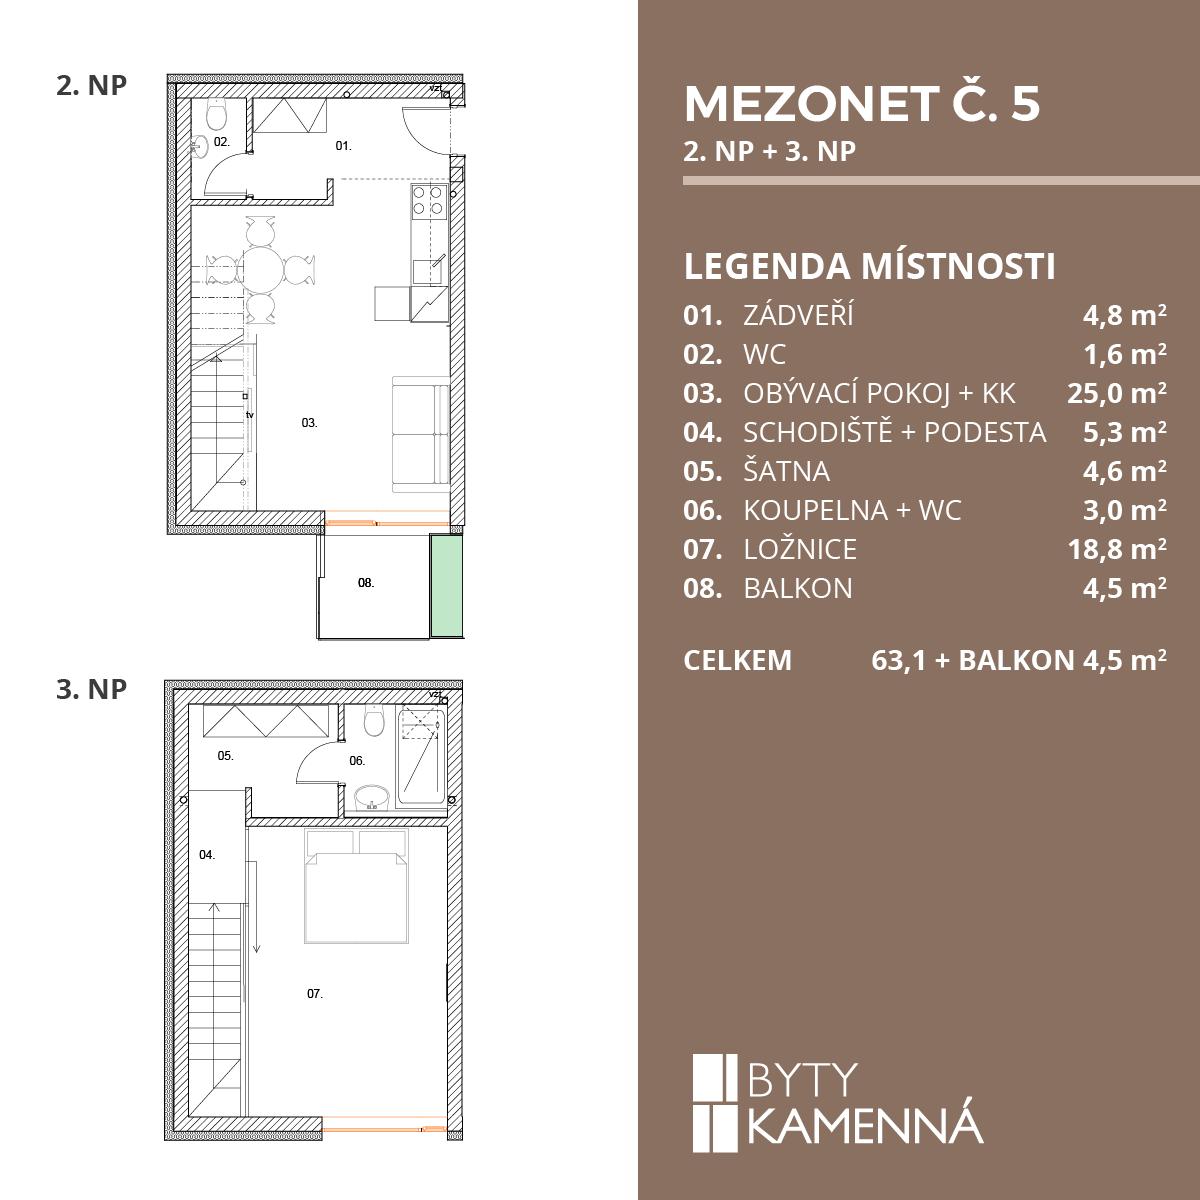 MEZONET 10